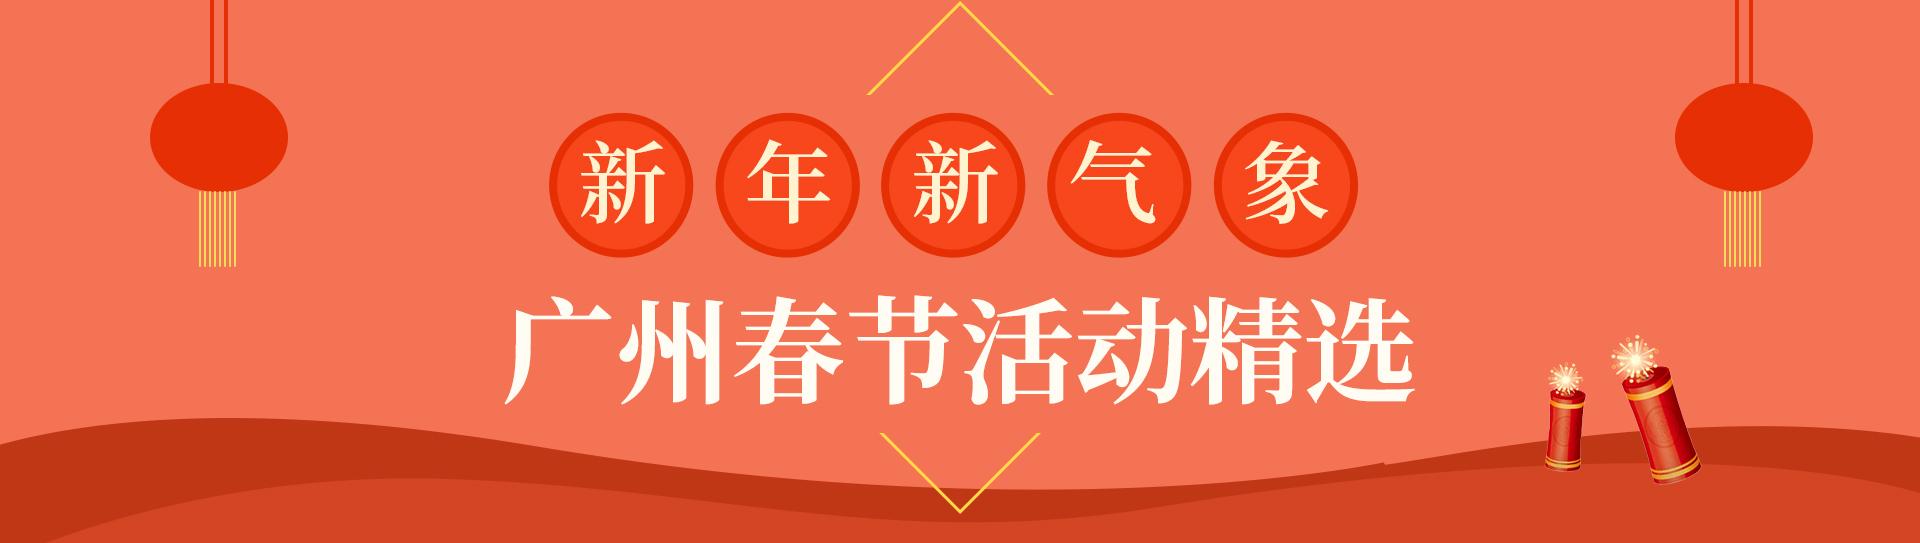 新年新气象 广州春节活动精选